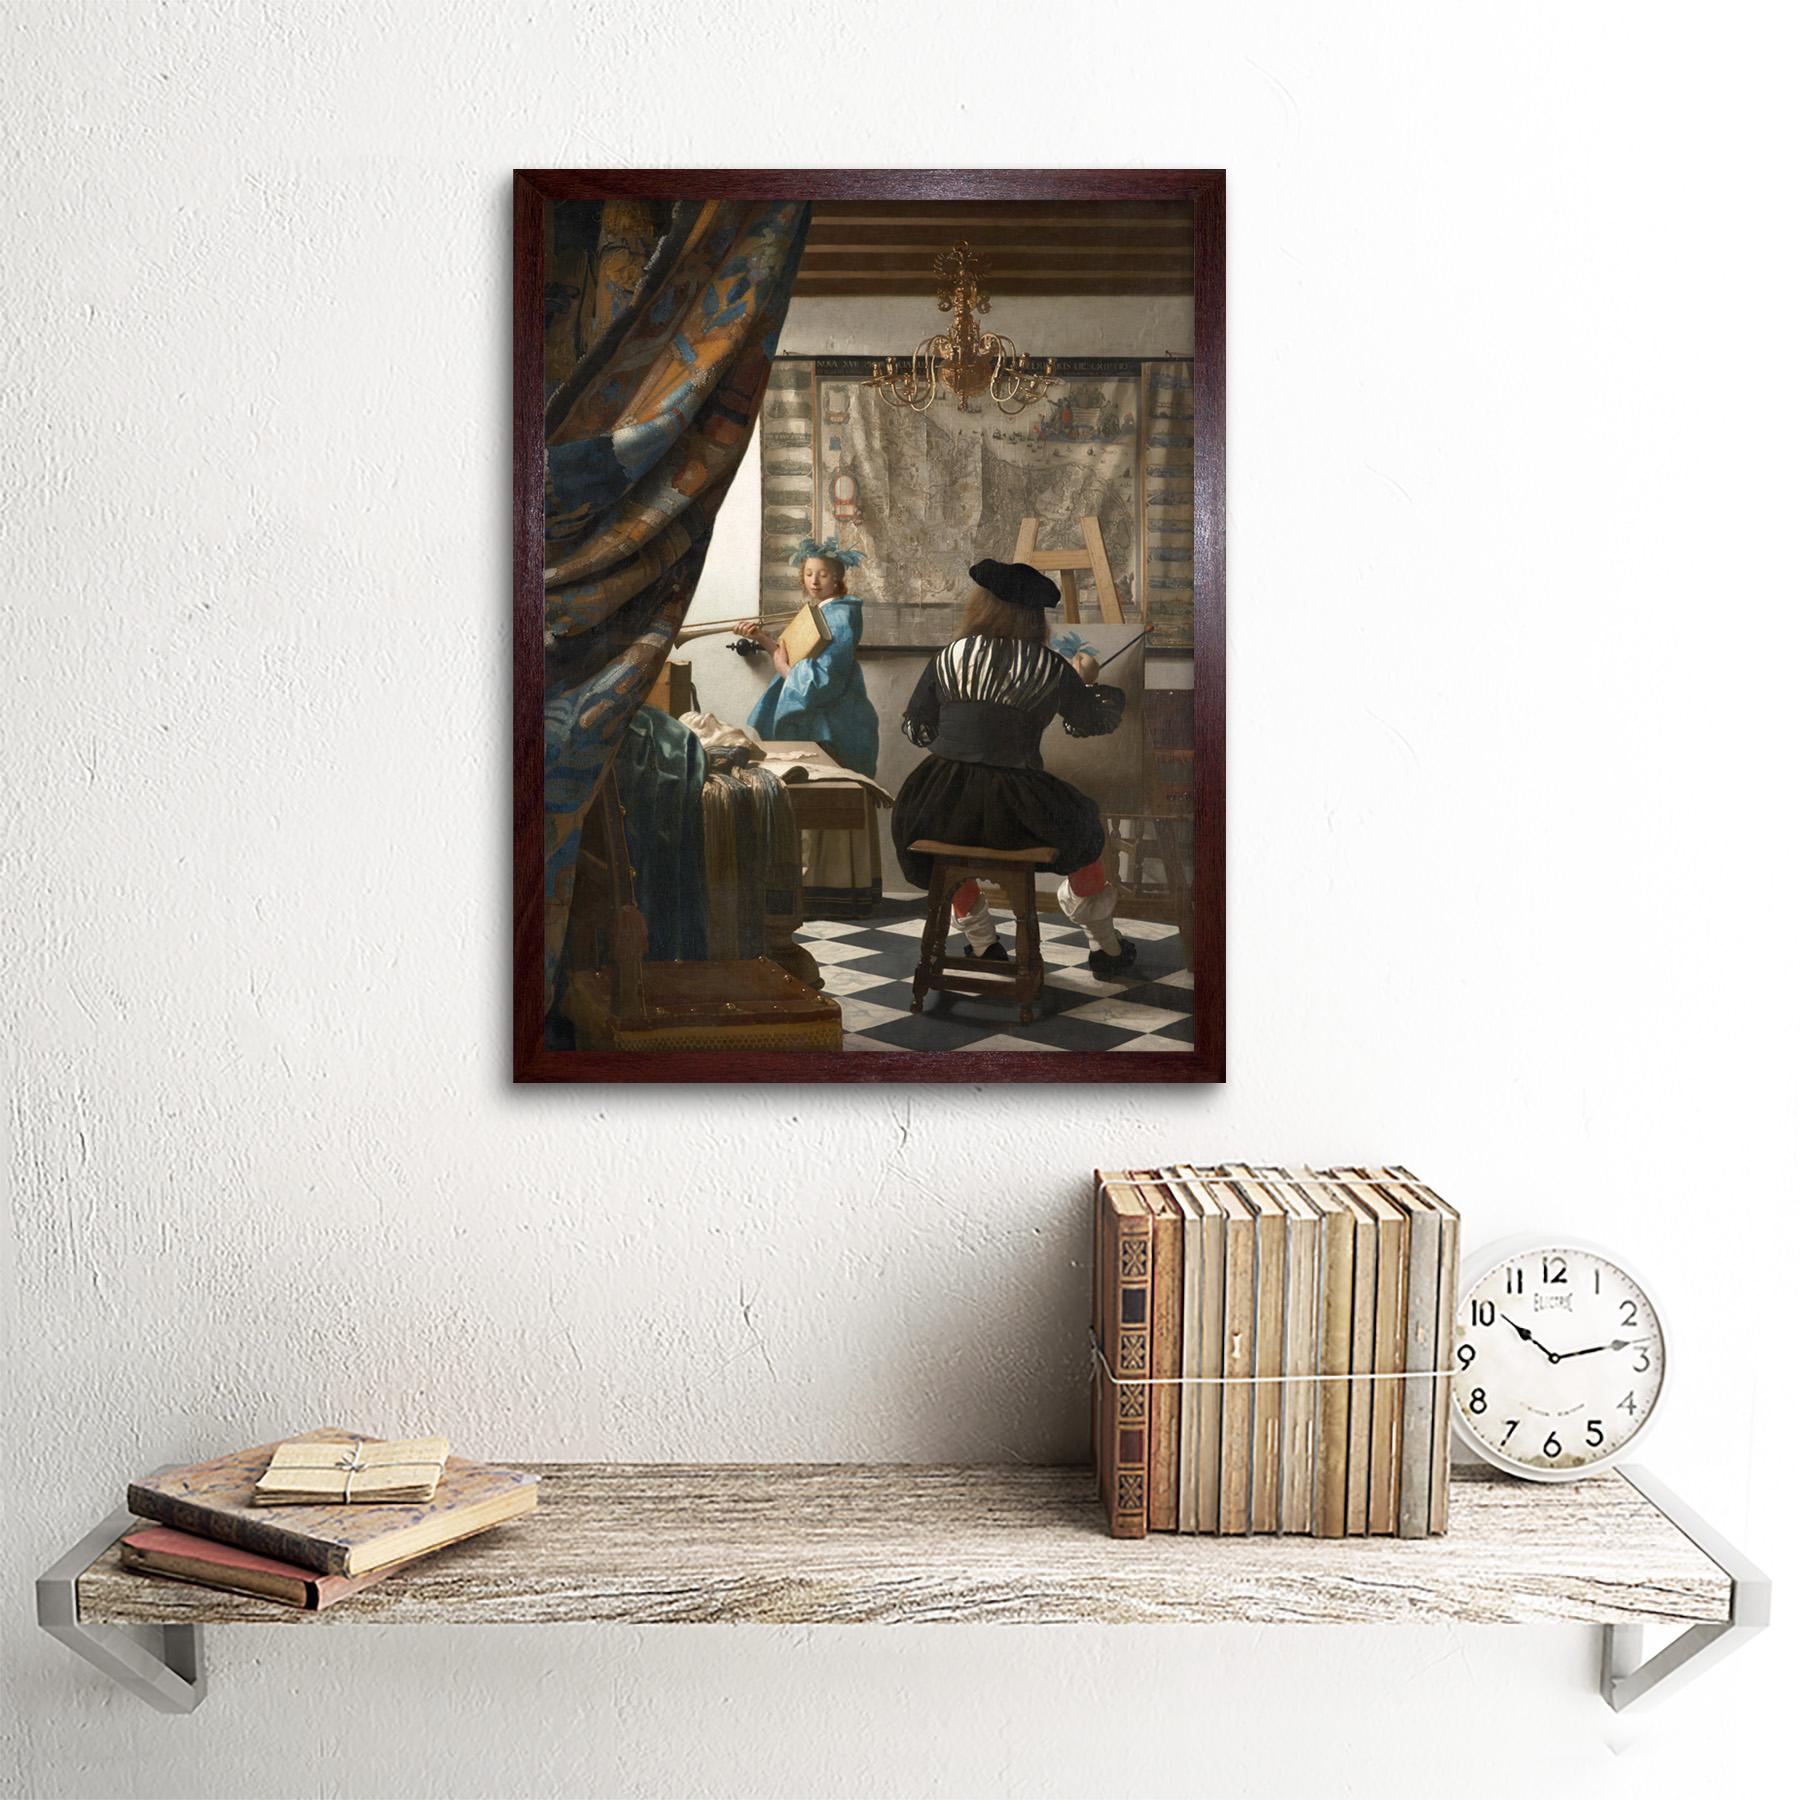 Jan-Vermeer-The-Art-Of-Painting-Art-Print-Framed-12x16 thumbnail 8